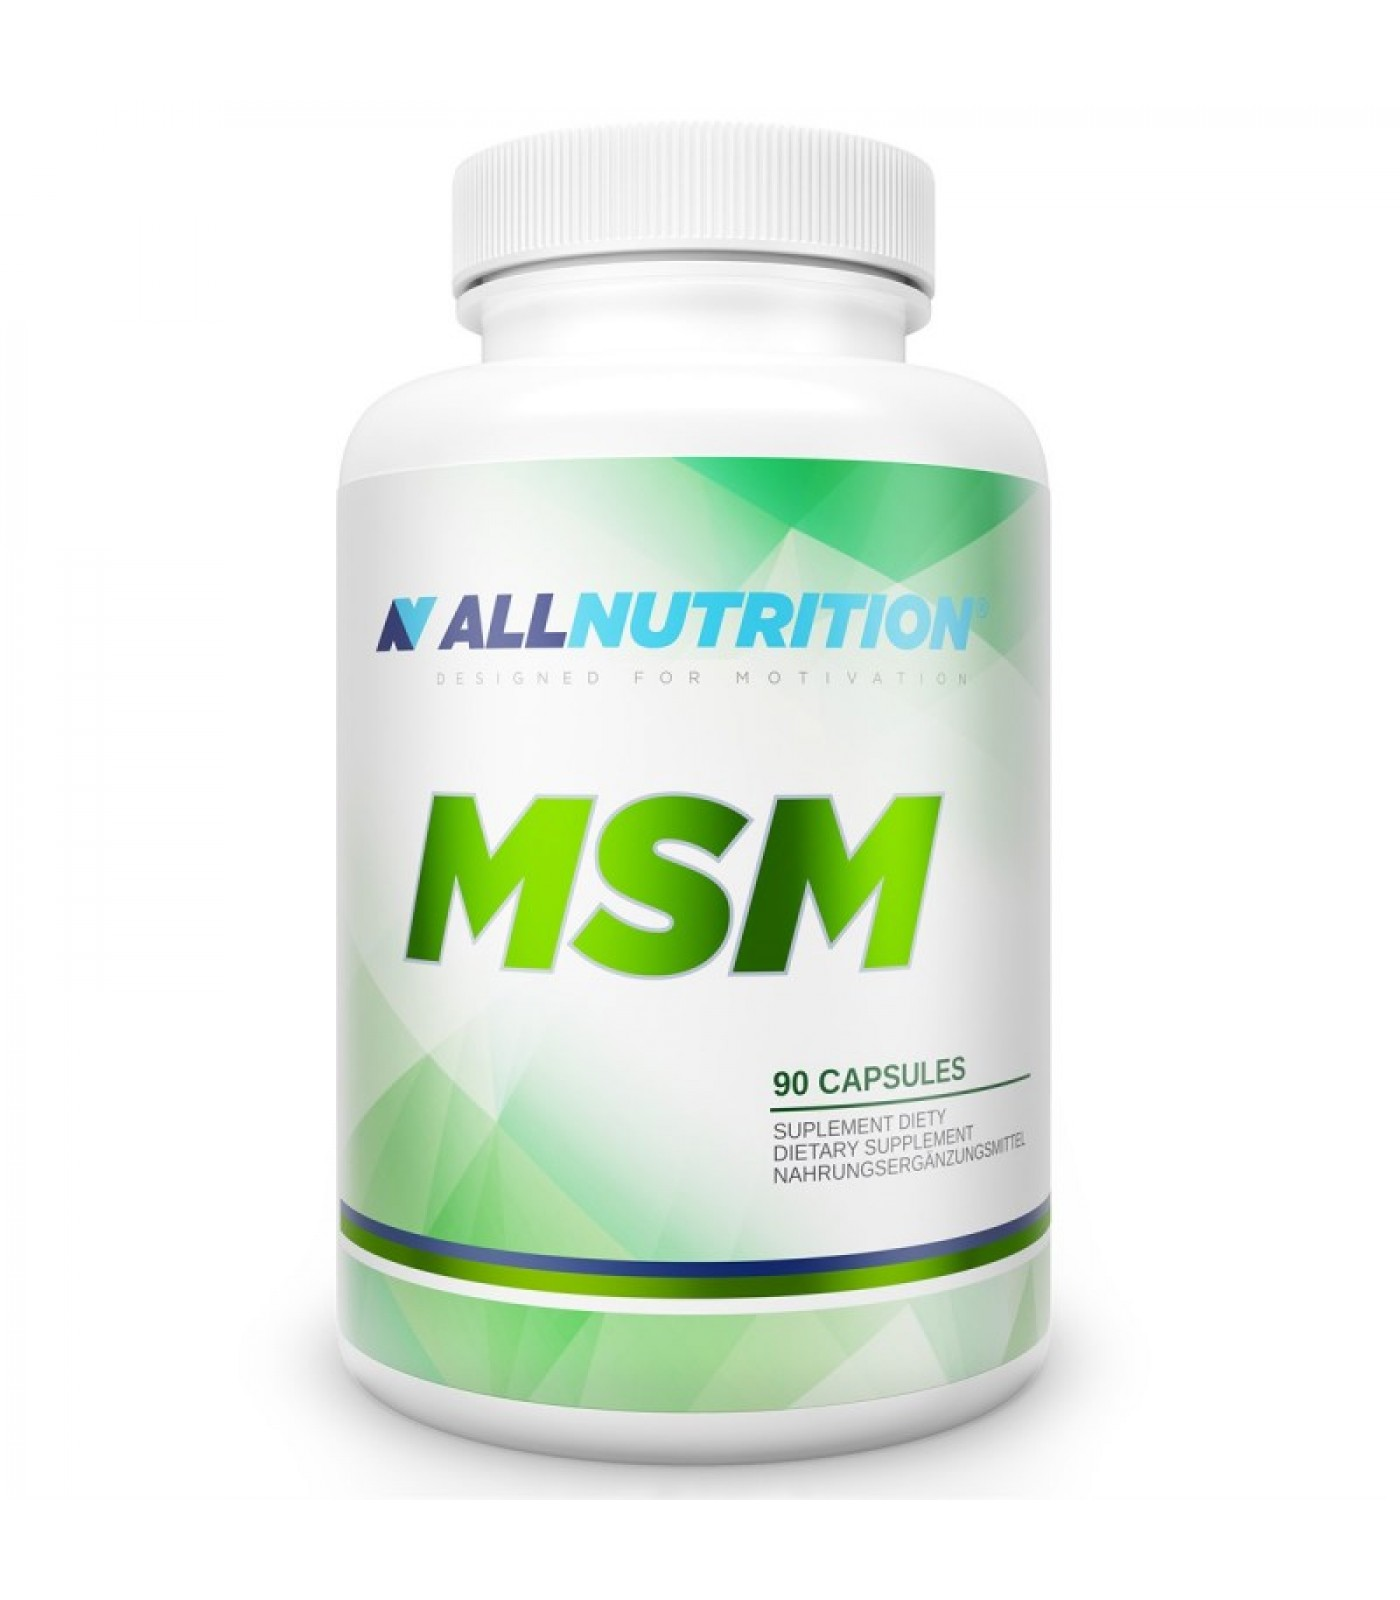 Allnutrition MSM / 90 caps